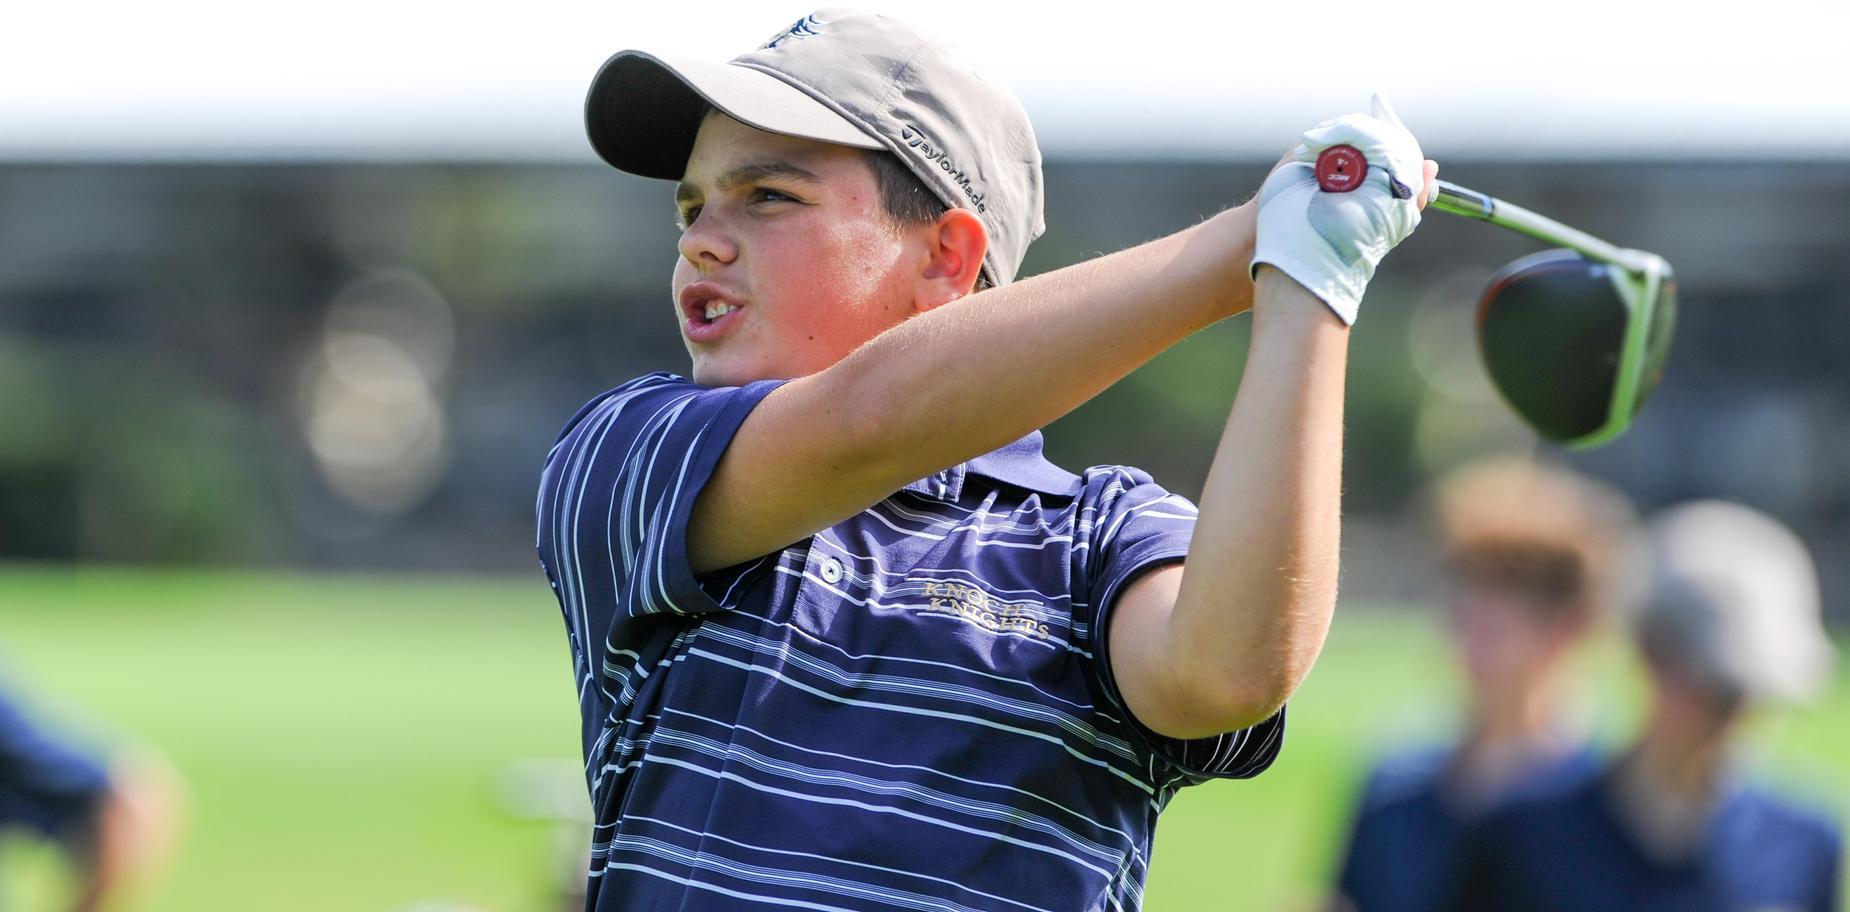 Knoch golfer